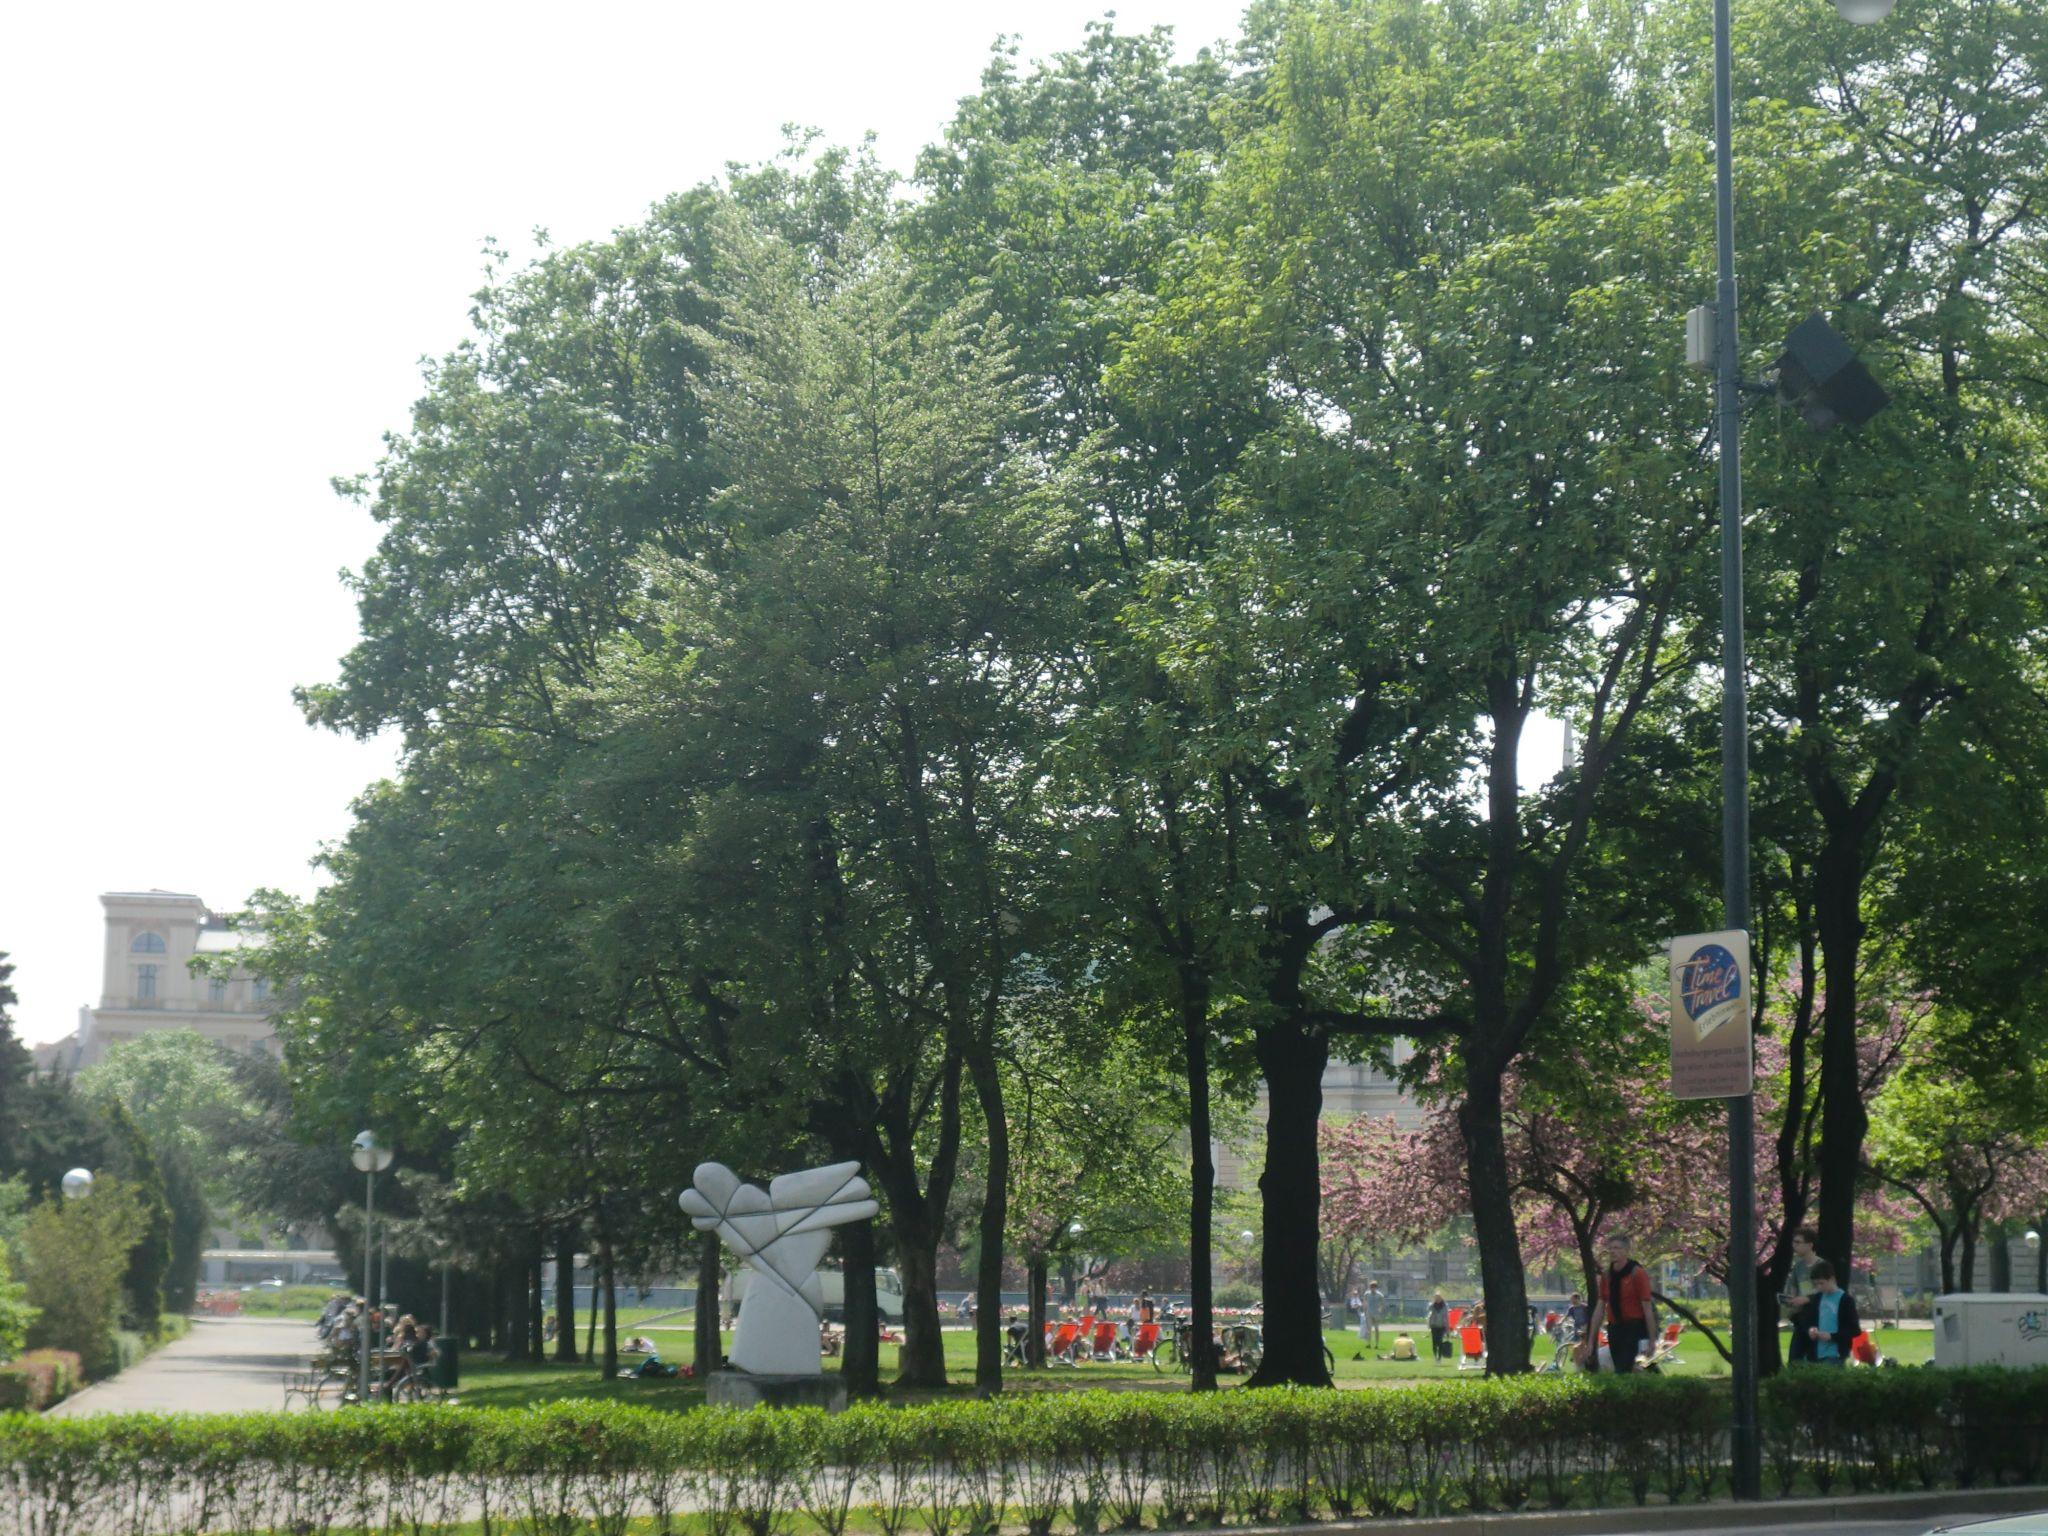 Vienna park 6 1440x1080 - Vienna: elegant beauty